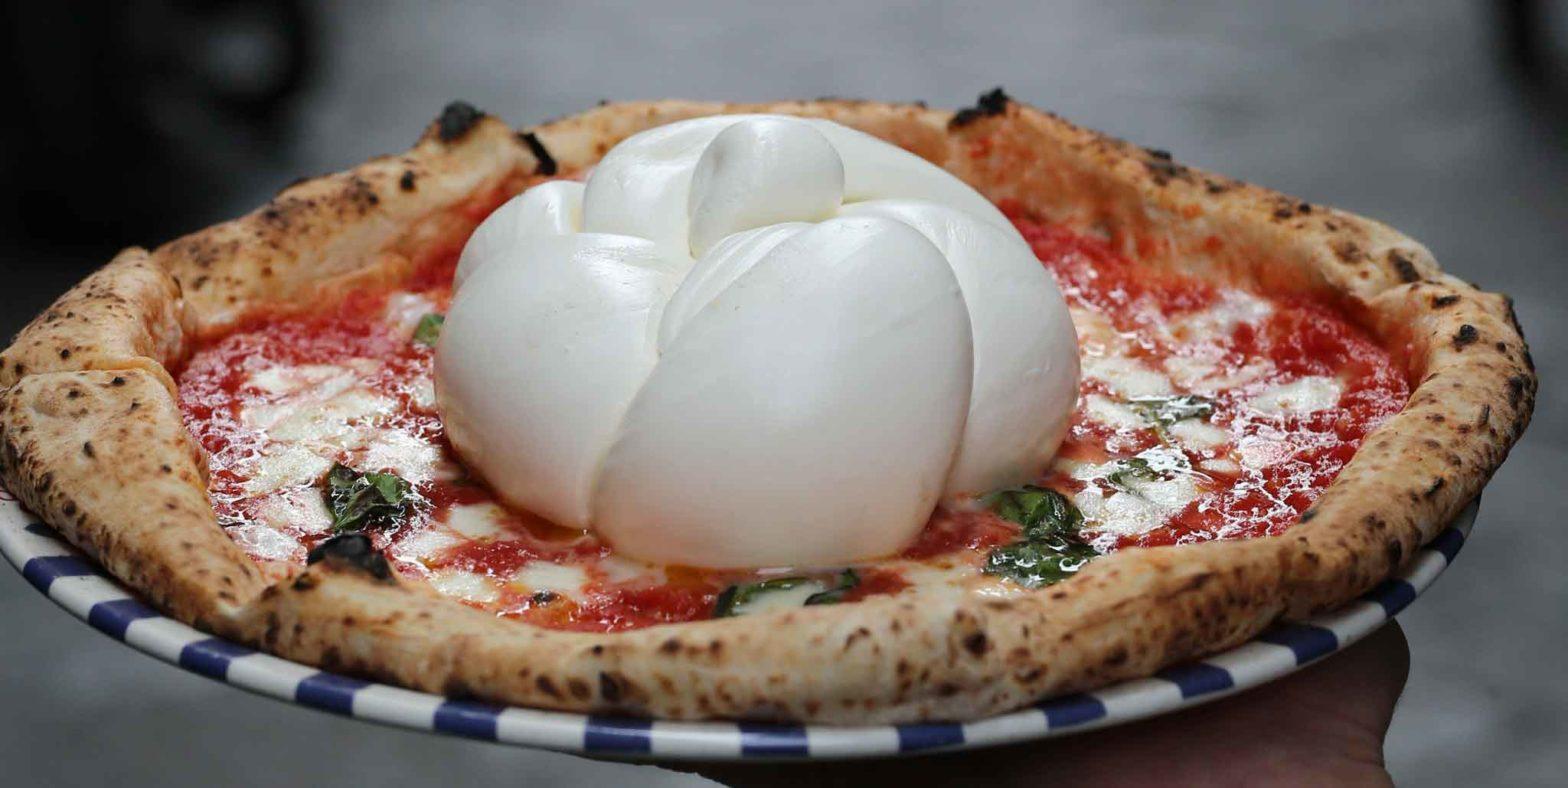 sulla pizza ci va il fiordilatte o la mozzarella?